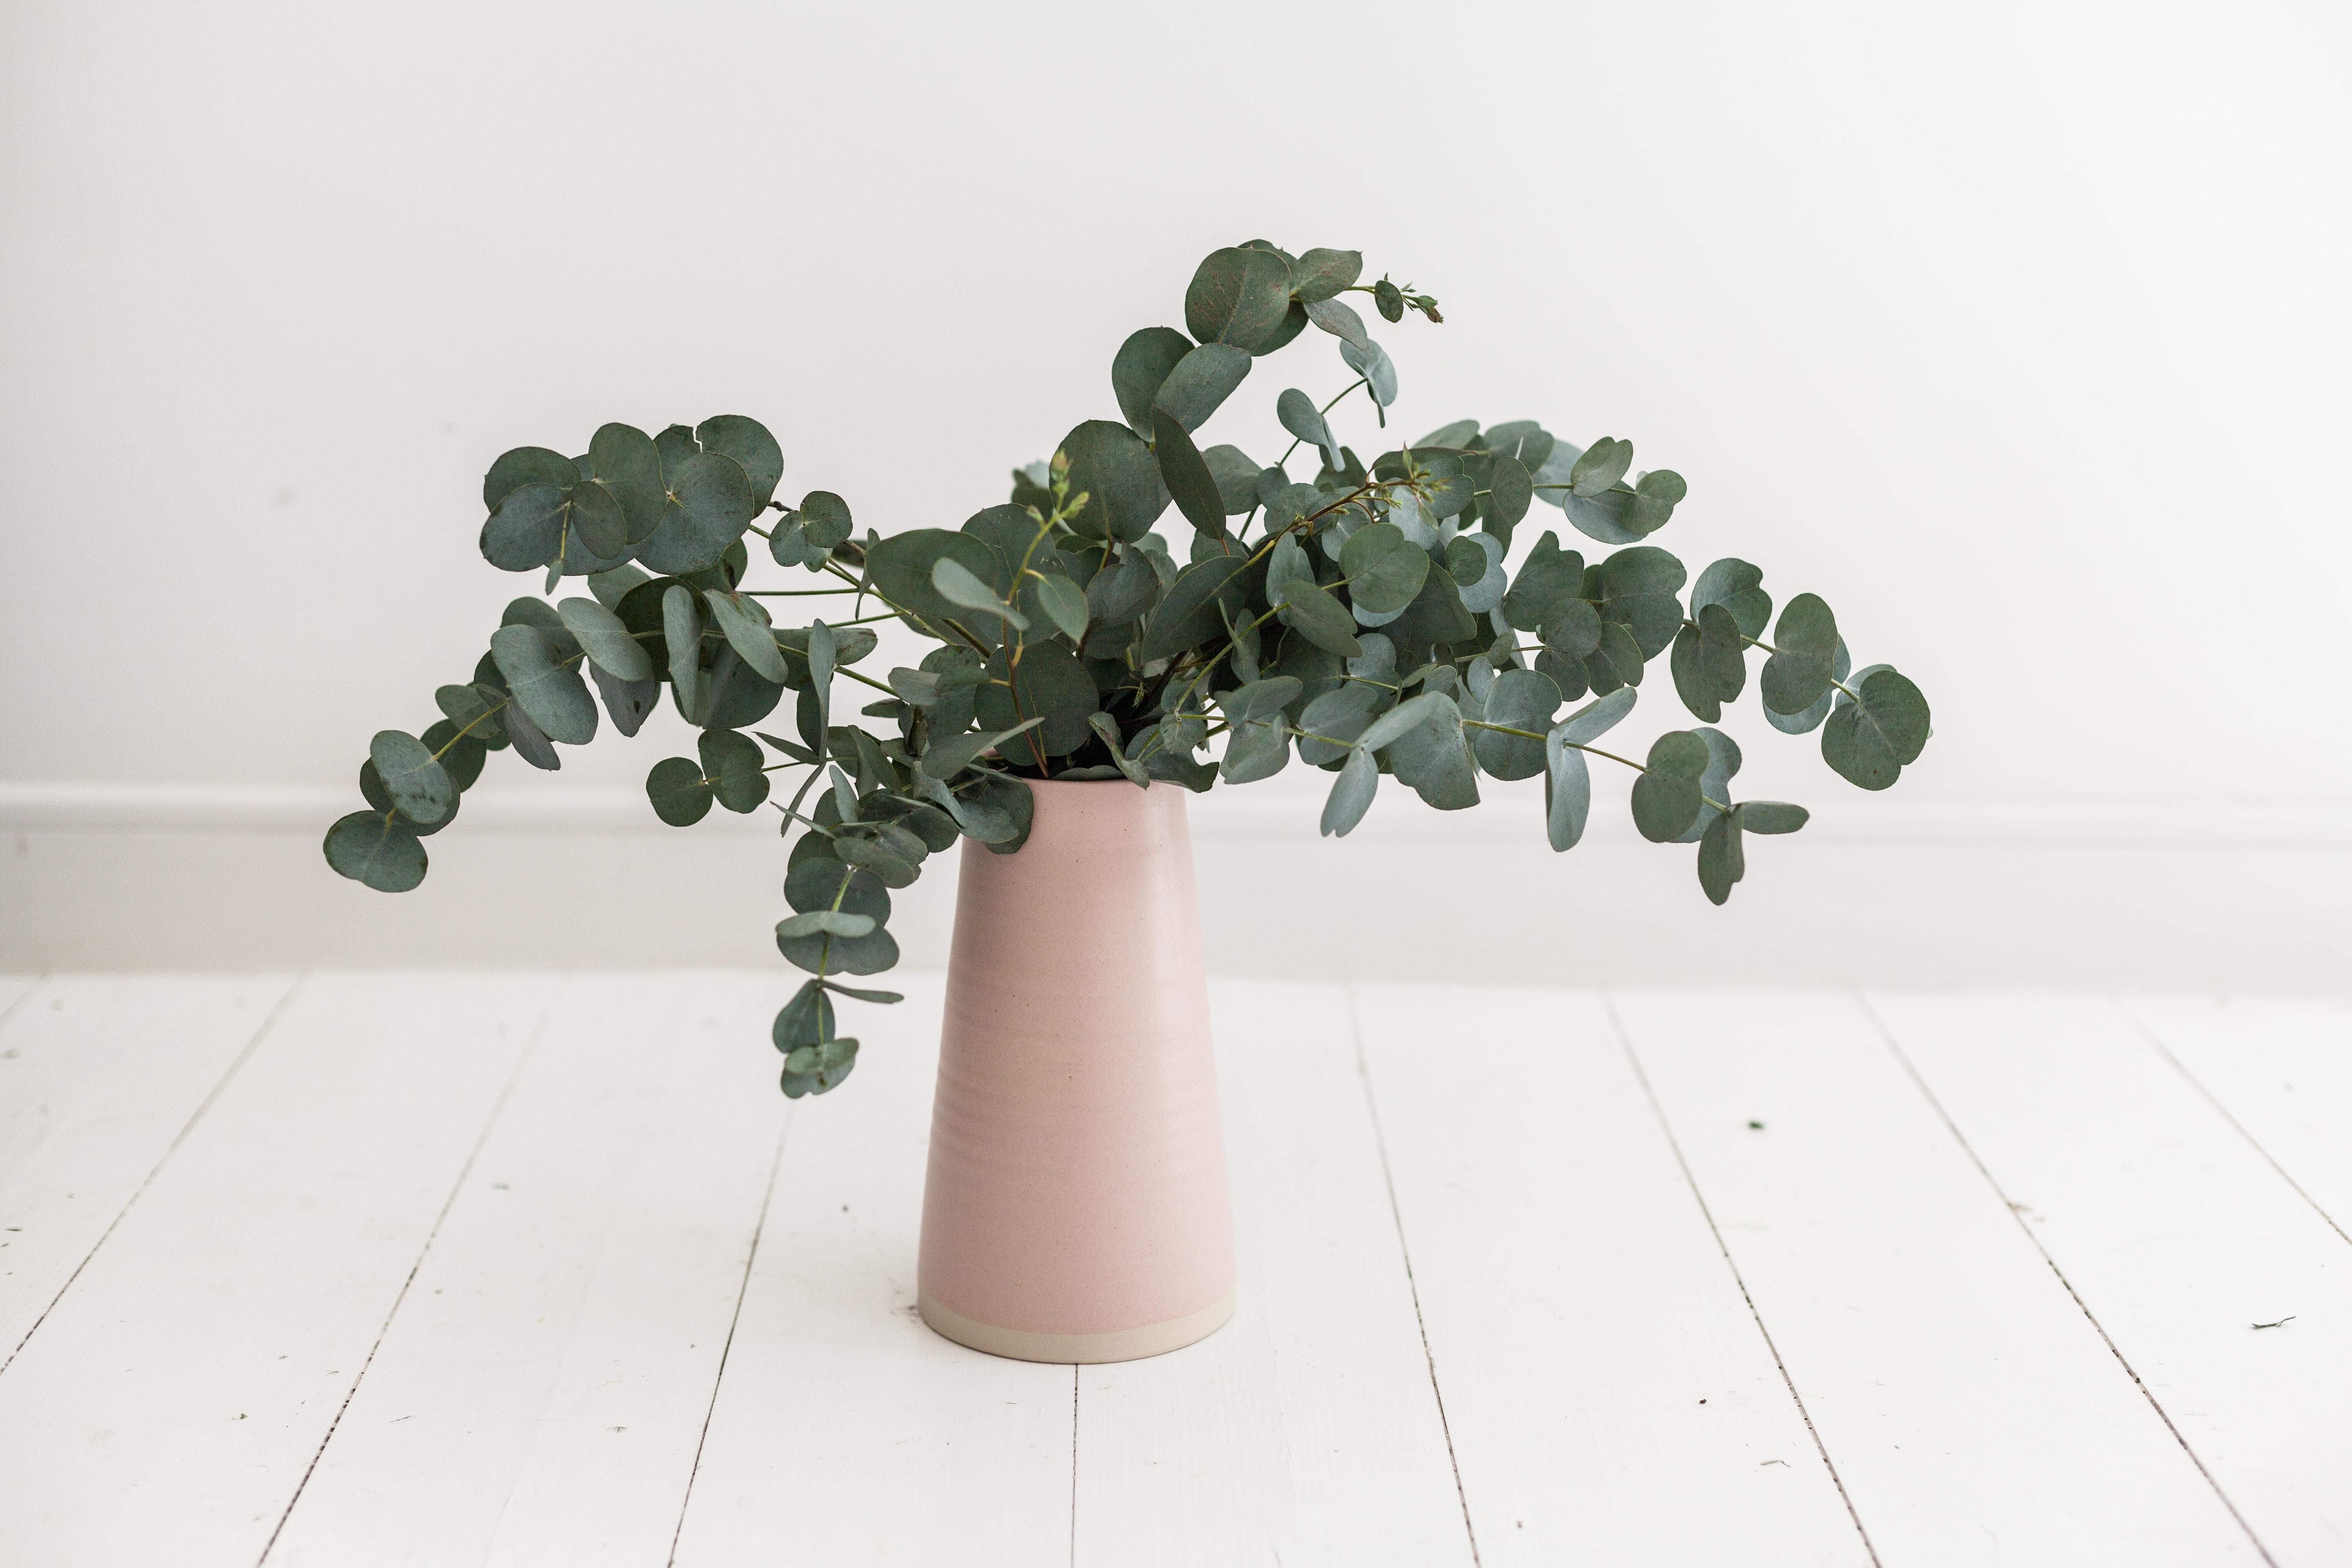 green plant in brown vsae